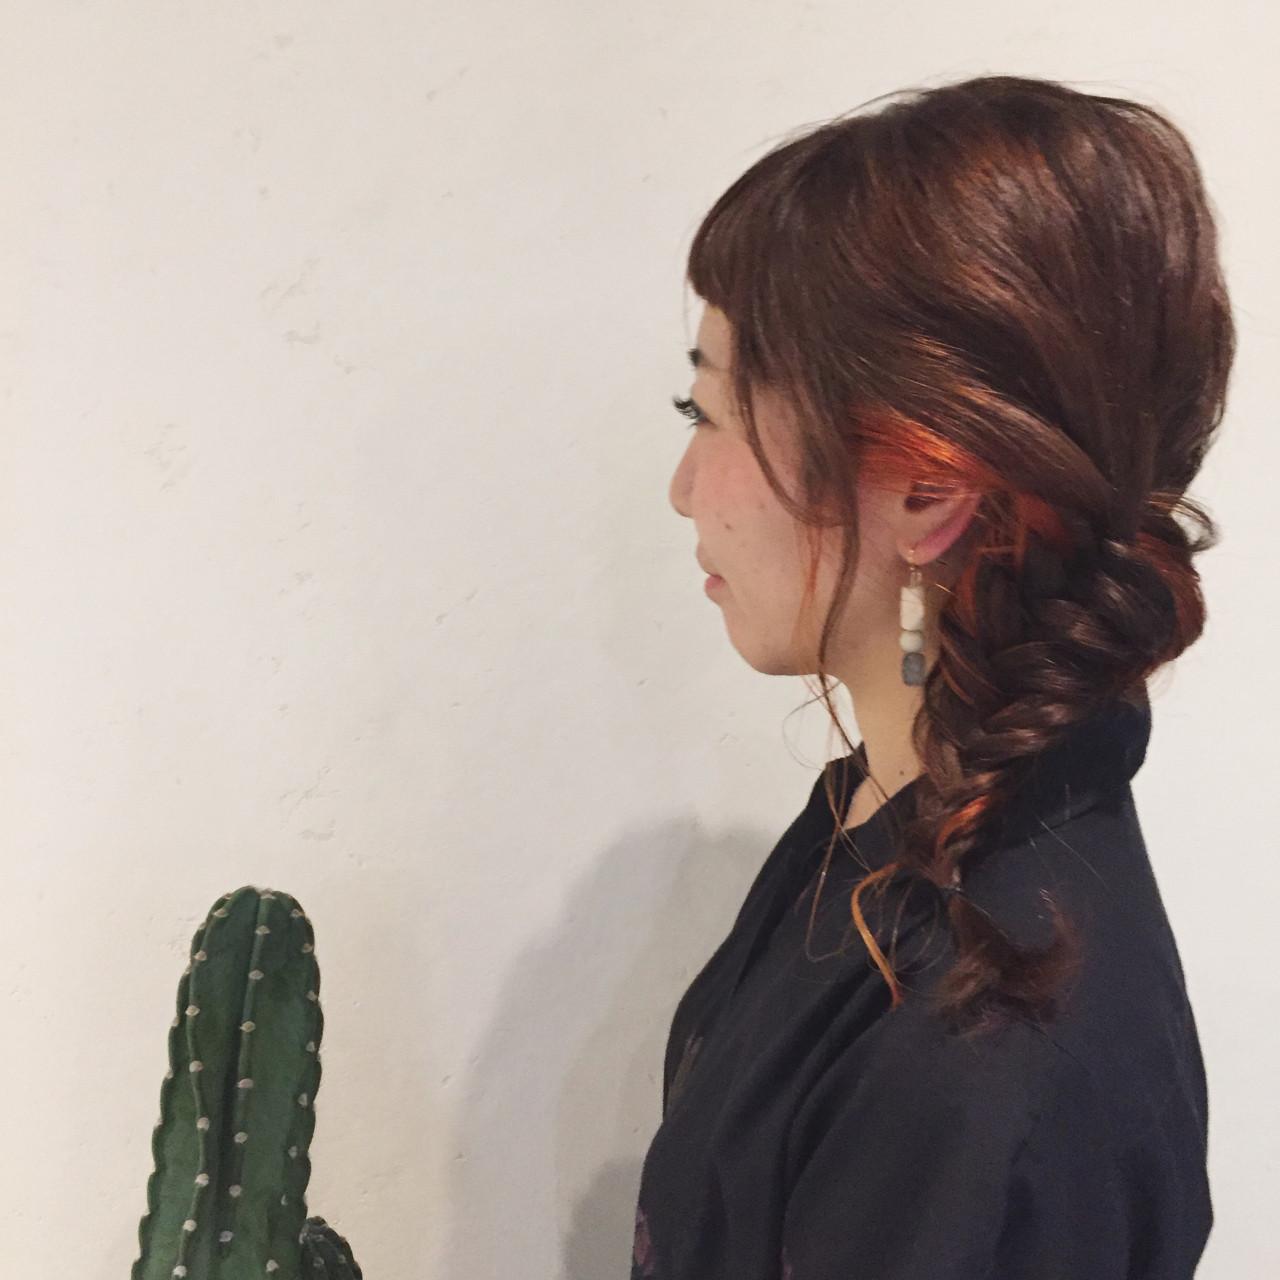 ナチュラル フィッシュボーン 編み込み パーマ ヘアスタイルや髪型の写真・画像